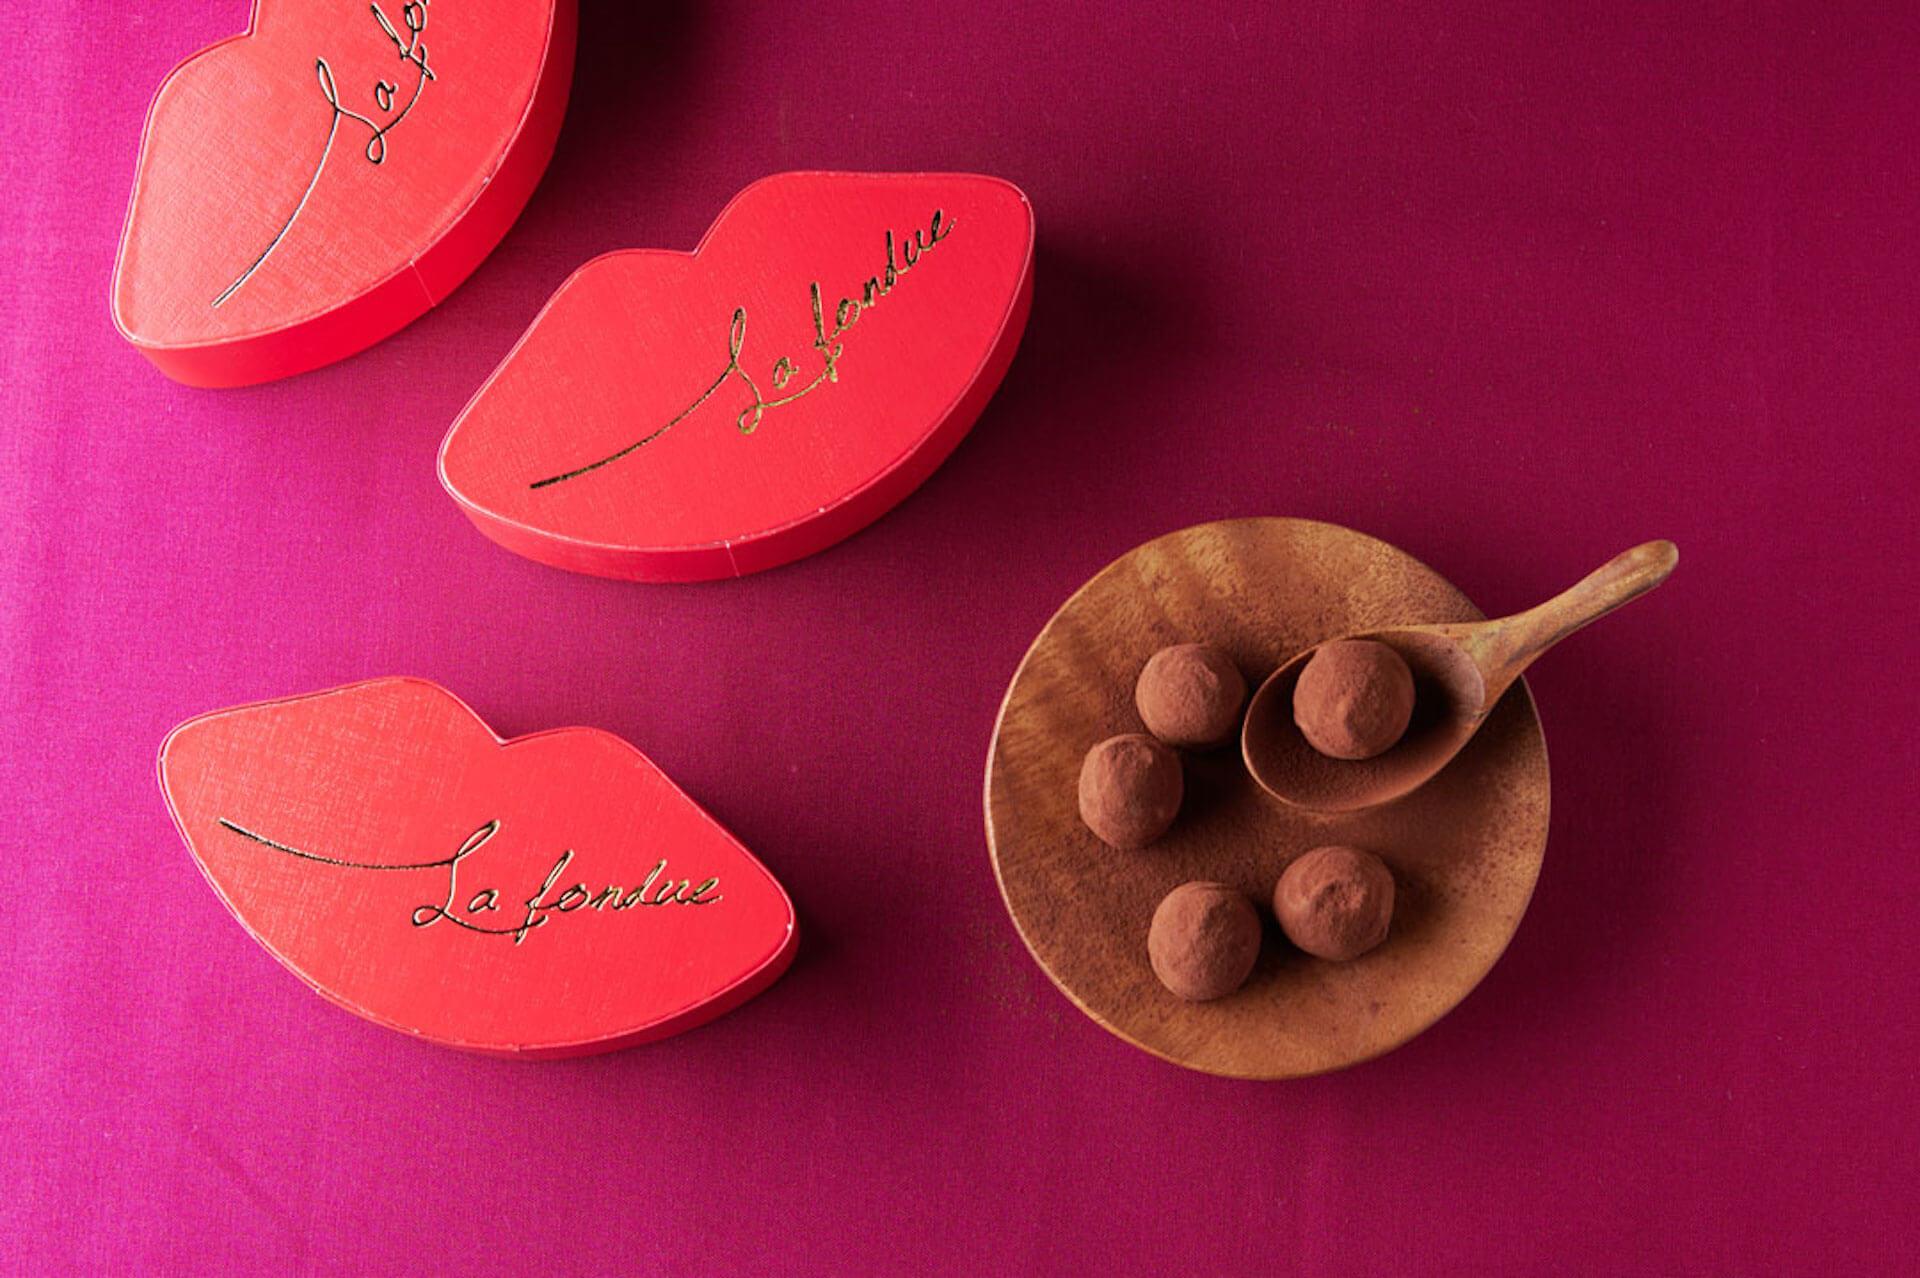 """唇だけで溶けてしまう""""噛まない""""生チョコレート『ラ・フォンデュ』がバレンタインシーズン限定で発売! gourmet210126_rafondue_3"""